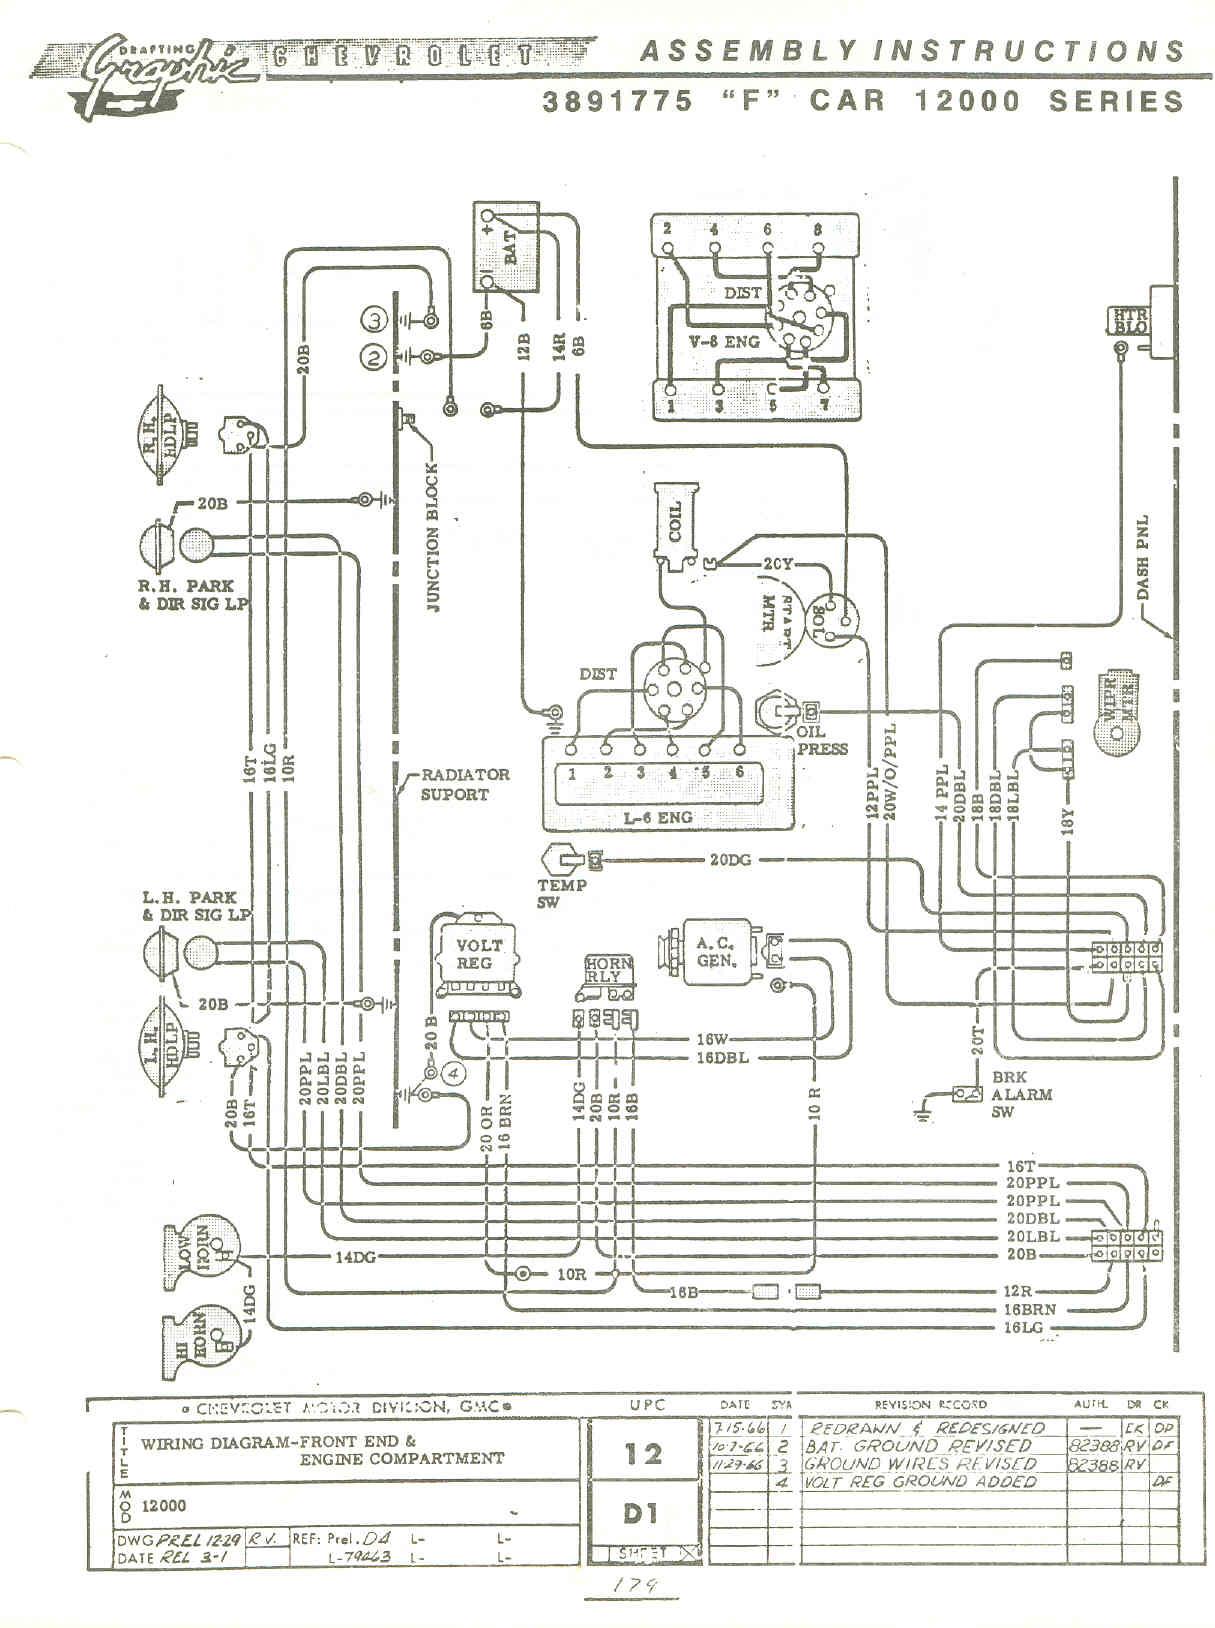 1980 corvette wiring diagram pdf 1980 image wiring 1969 corvette console diagram wiring schematic 1969 auto wiring on 1980 corvette wiring diagram pdf